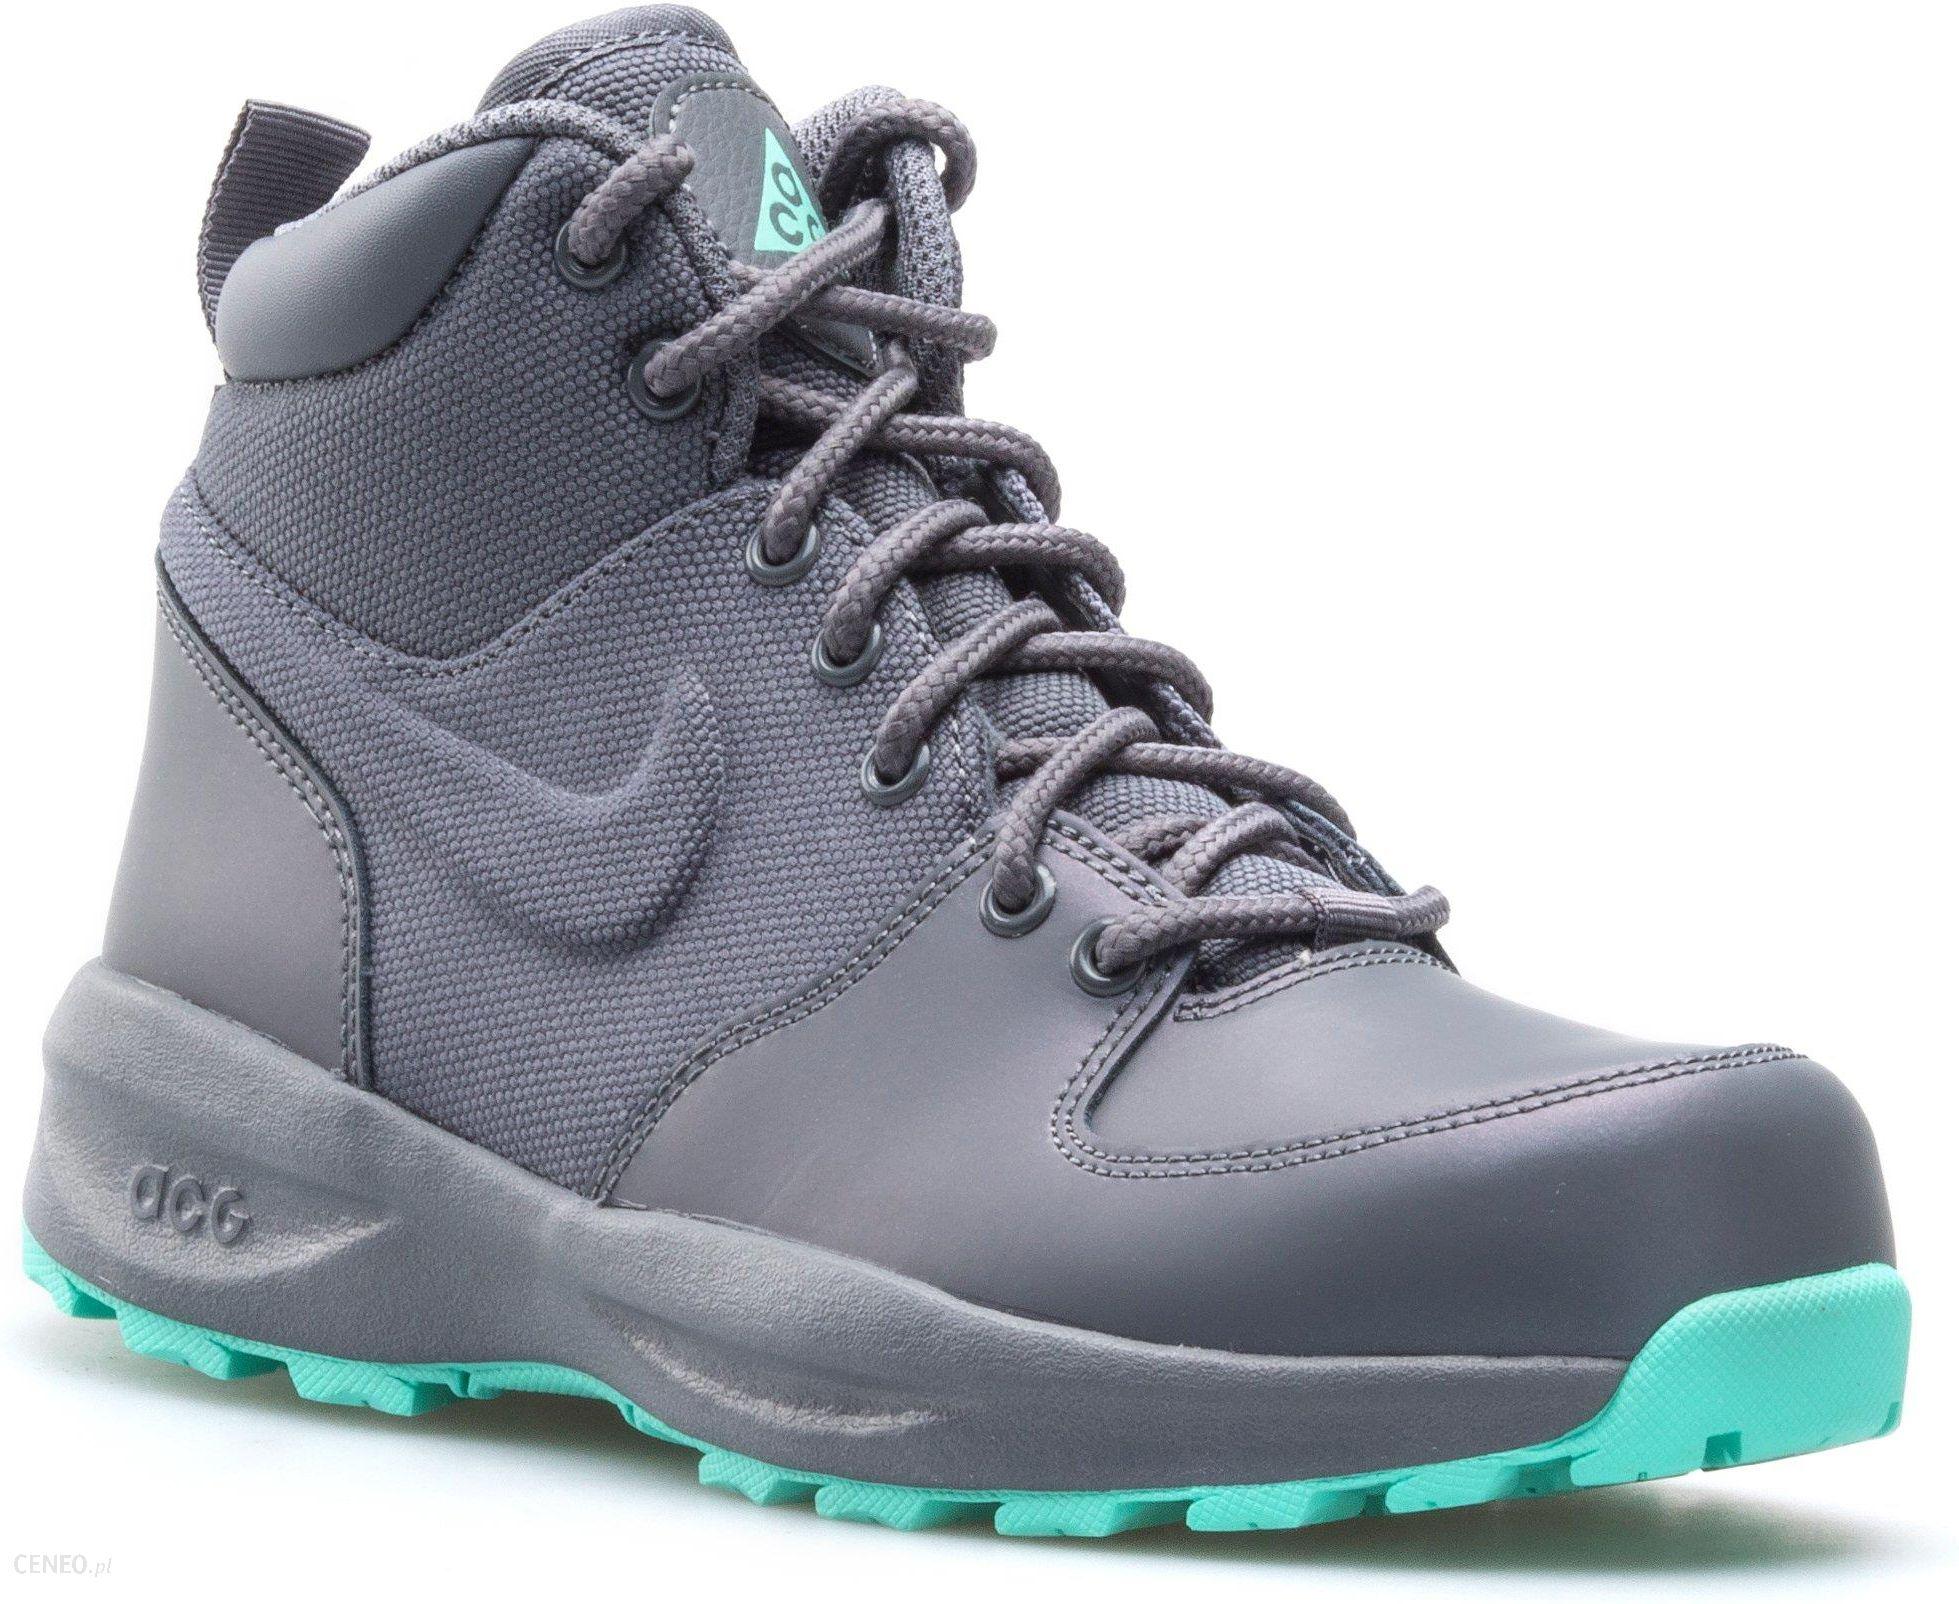 Nike Manoa Lth Gs AJ1280 700 35,5 Ceny i opinie Ceneo.pl